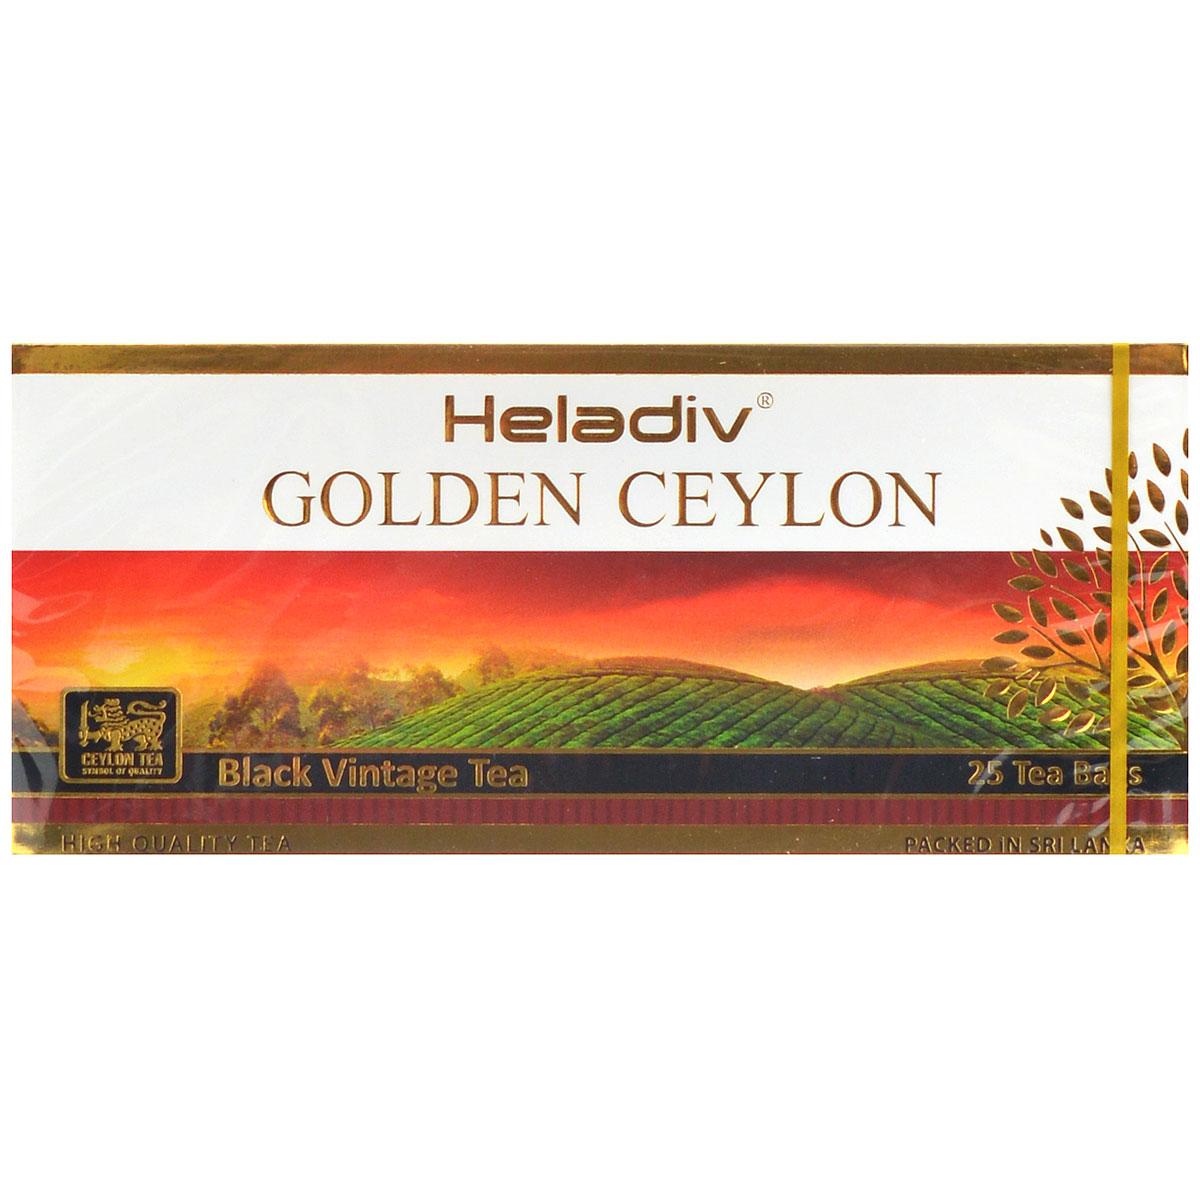 Heladiv Golden Ceylon Vintage Black черный пакетированный чай, 25 пакетиков eps 103 de 25